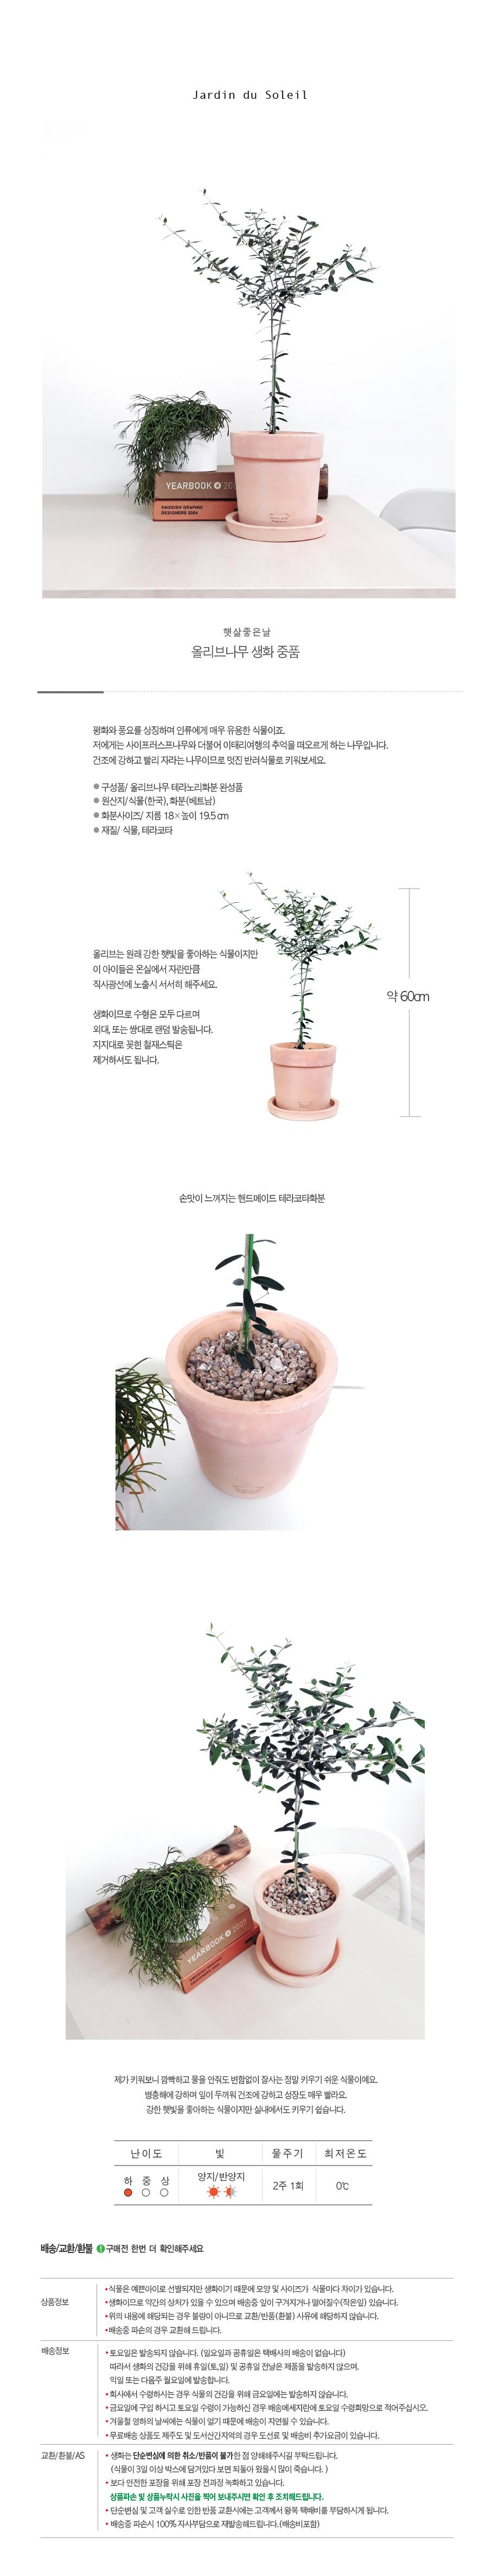 햇살좋은날- 올리브나무 생화 중품 - 태양의 정원, 69,000원, 허브/다육/선인장, 공기정화식물